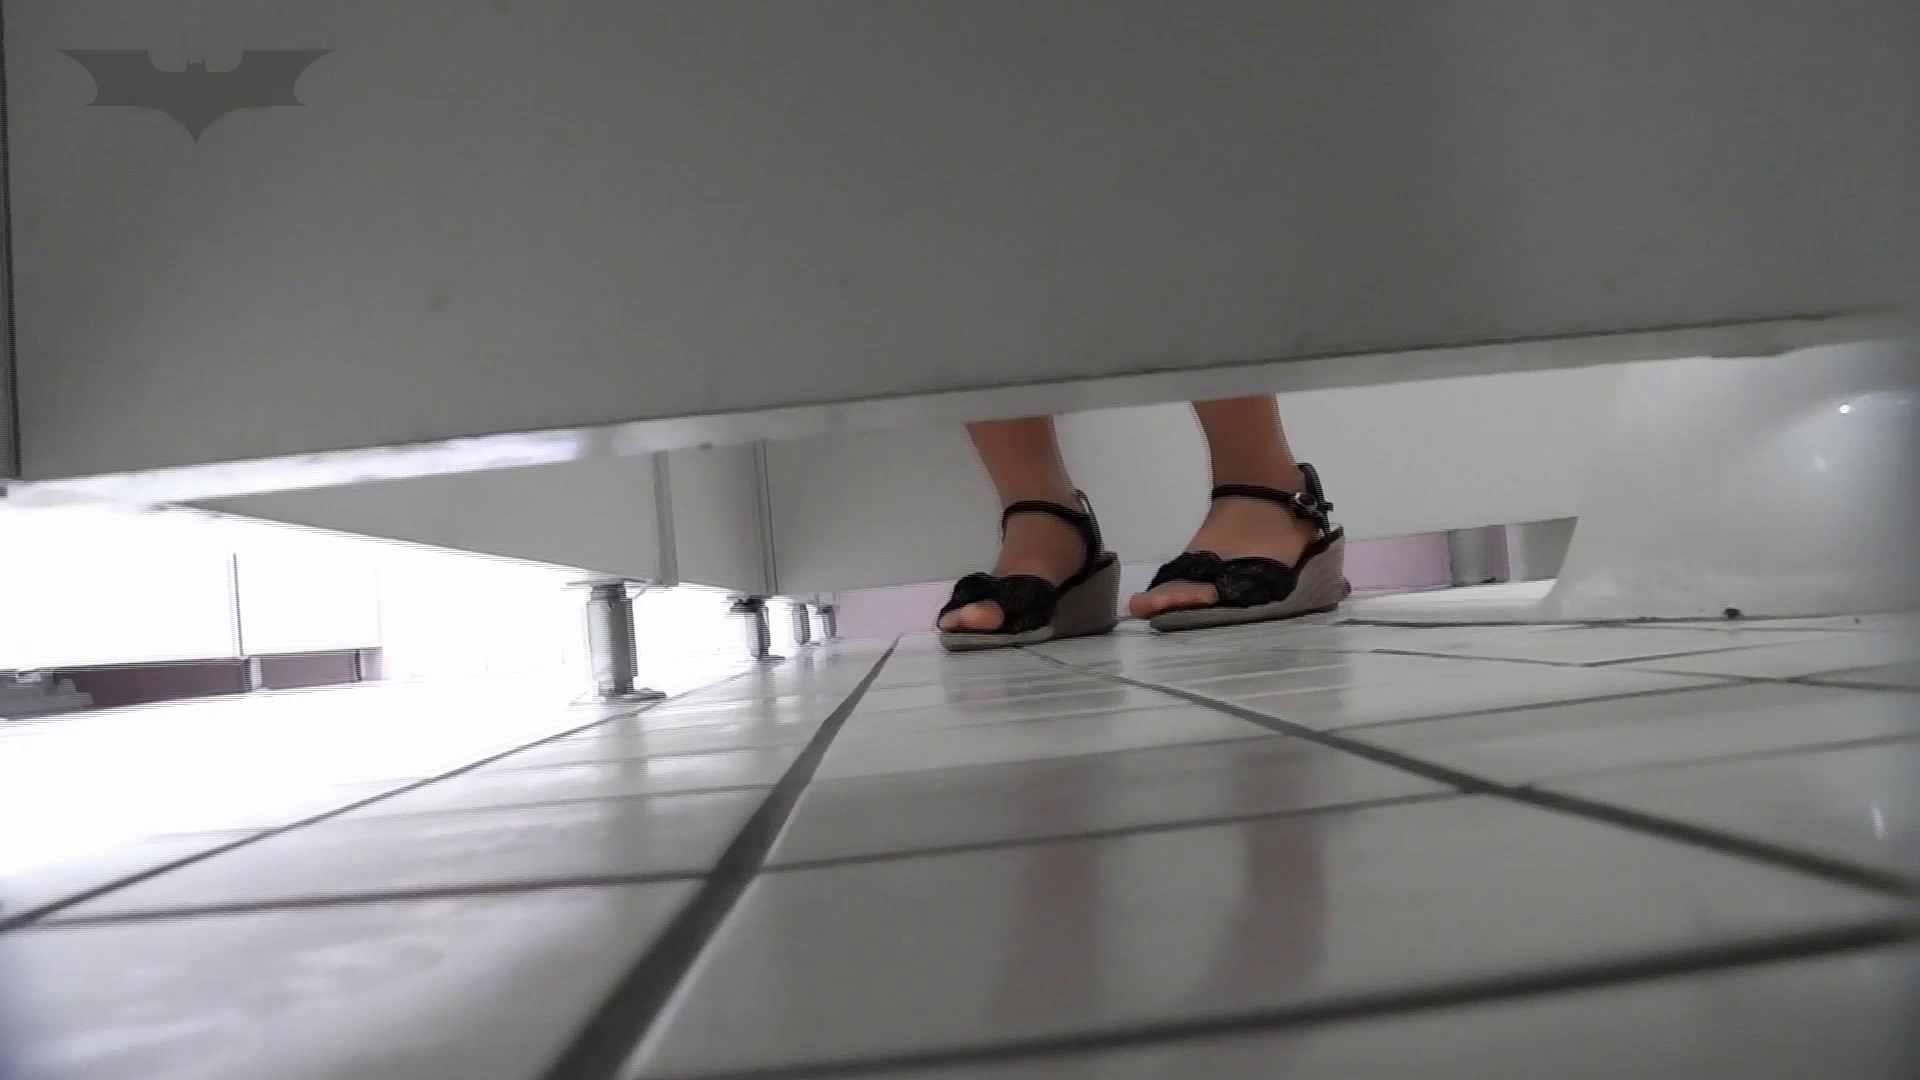 無修正ヌード|美しい日本の未来 No.34 緊迫!予告モデル撮ろうとしたら清掃員に遭遇|怪盗ジョーカー